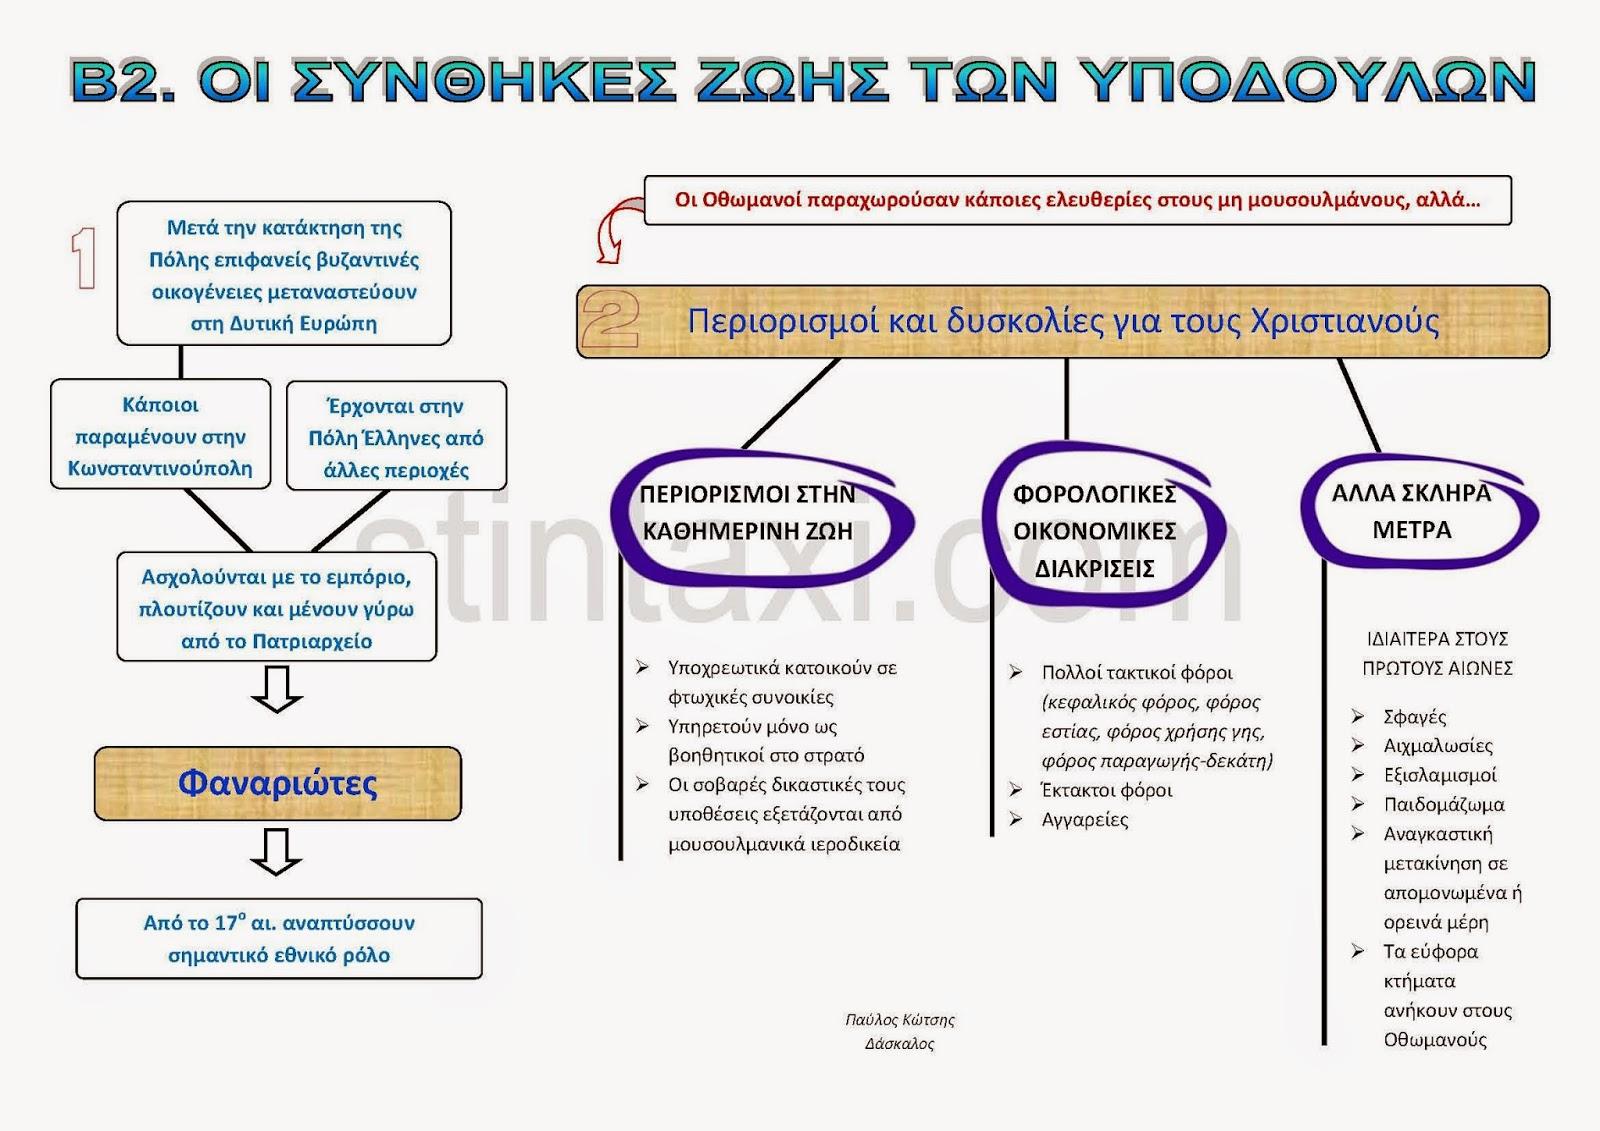 b2-sinthikes-zois-v2.1